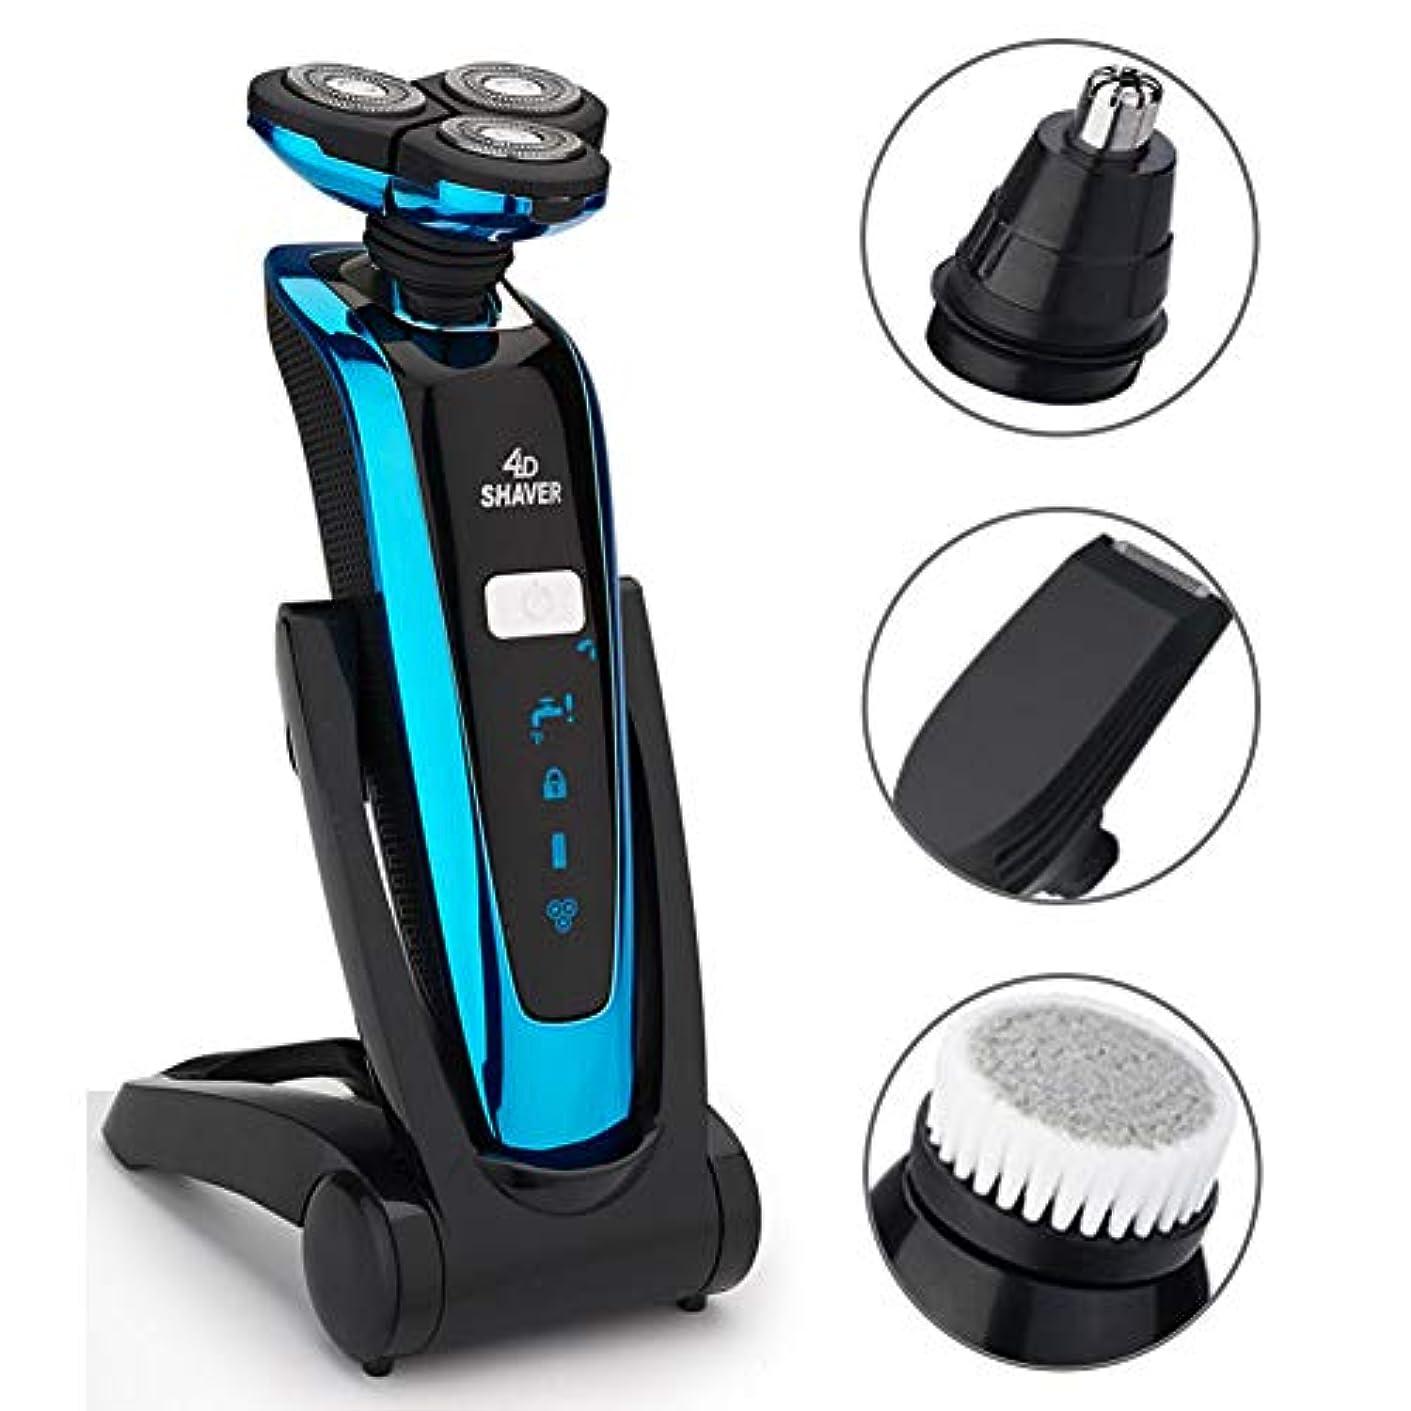 マイクロフォンペイント捨てる男性用電動かみそりシェーバー - 鼻、耳、ボディヘアーフェイスクリーニングブラシ、トラベルロック付き1ウェット&ドライメンズロータリーシェーバー充電式ひげトリマーに付き4,Blue